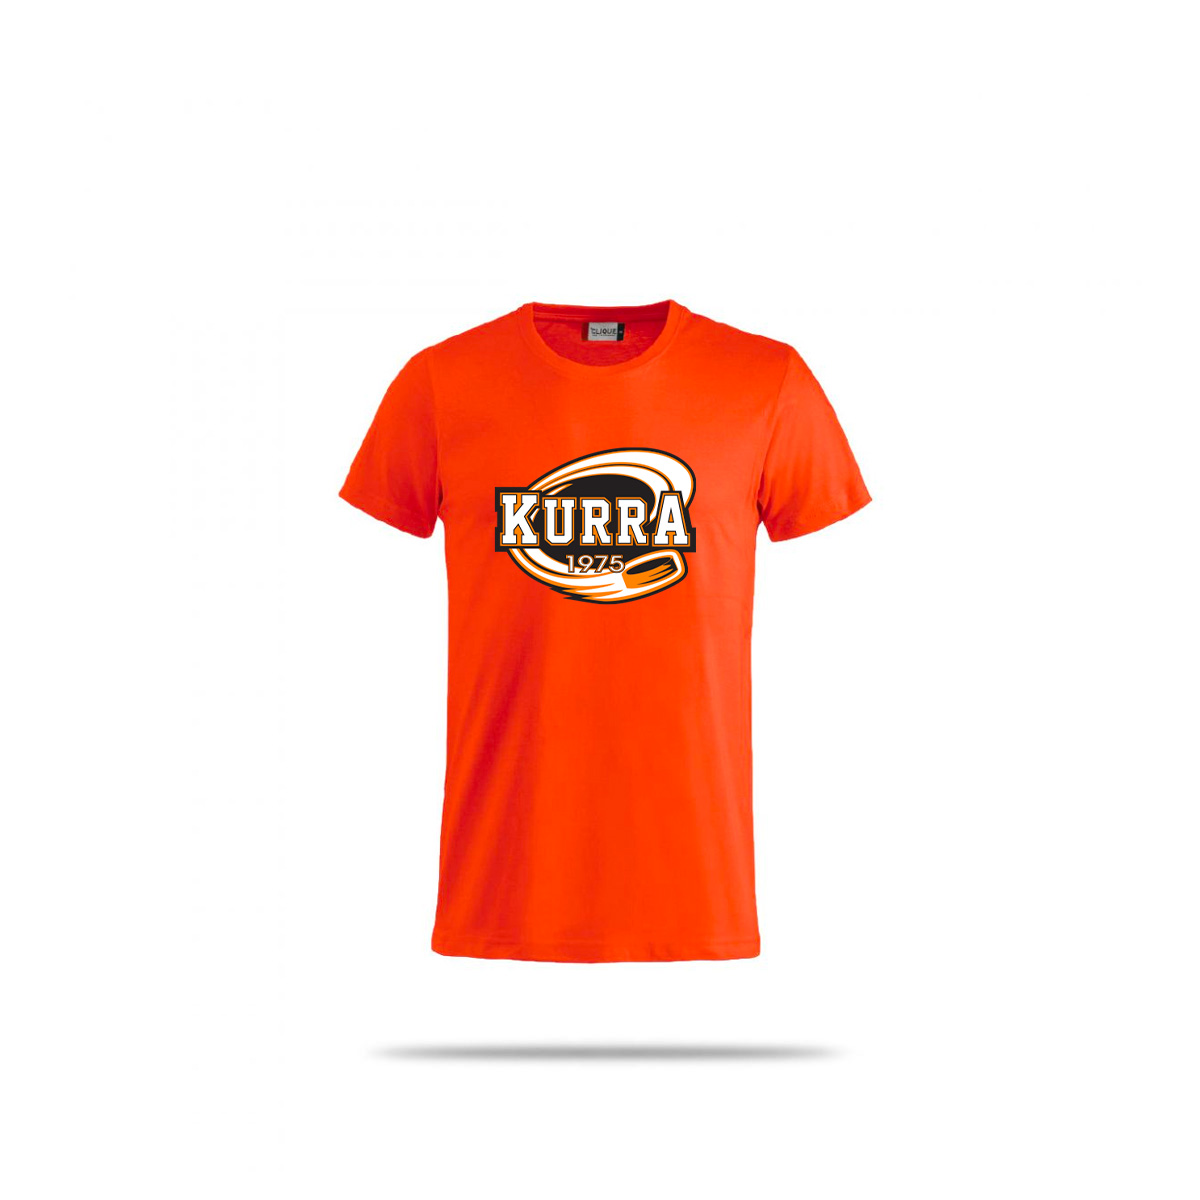 Kurra-Original-3025-Oranssi